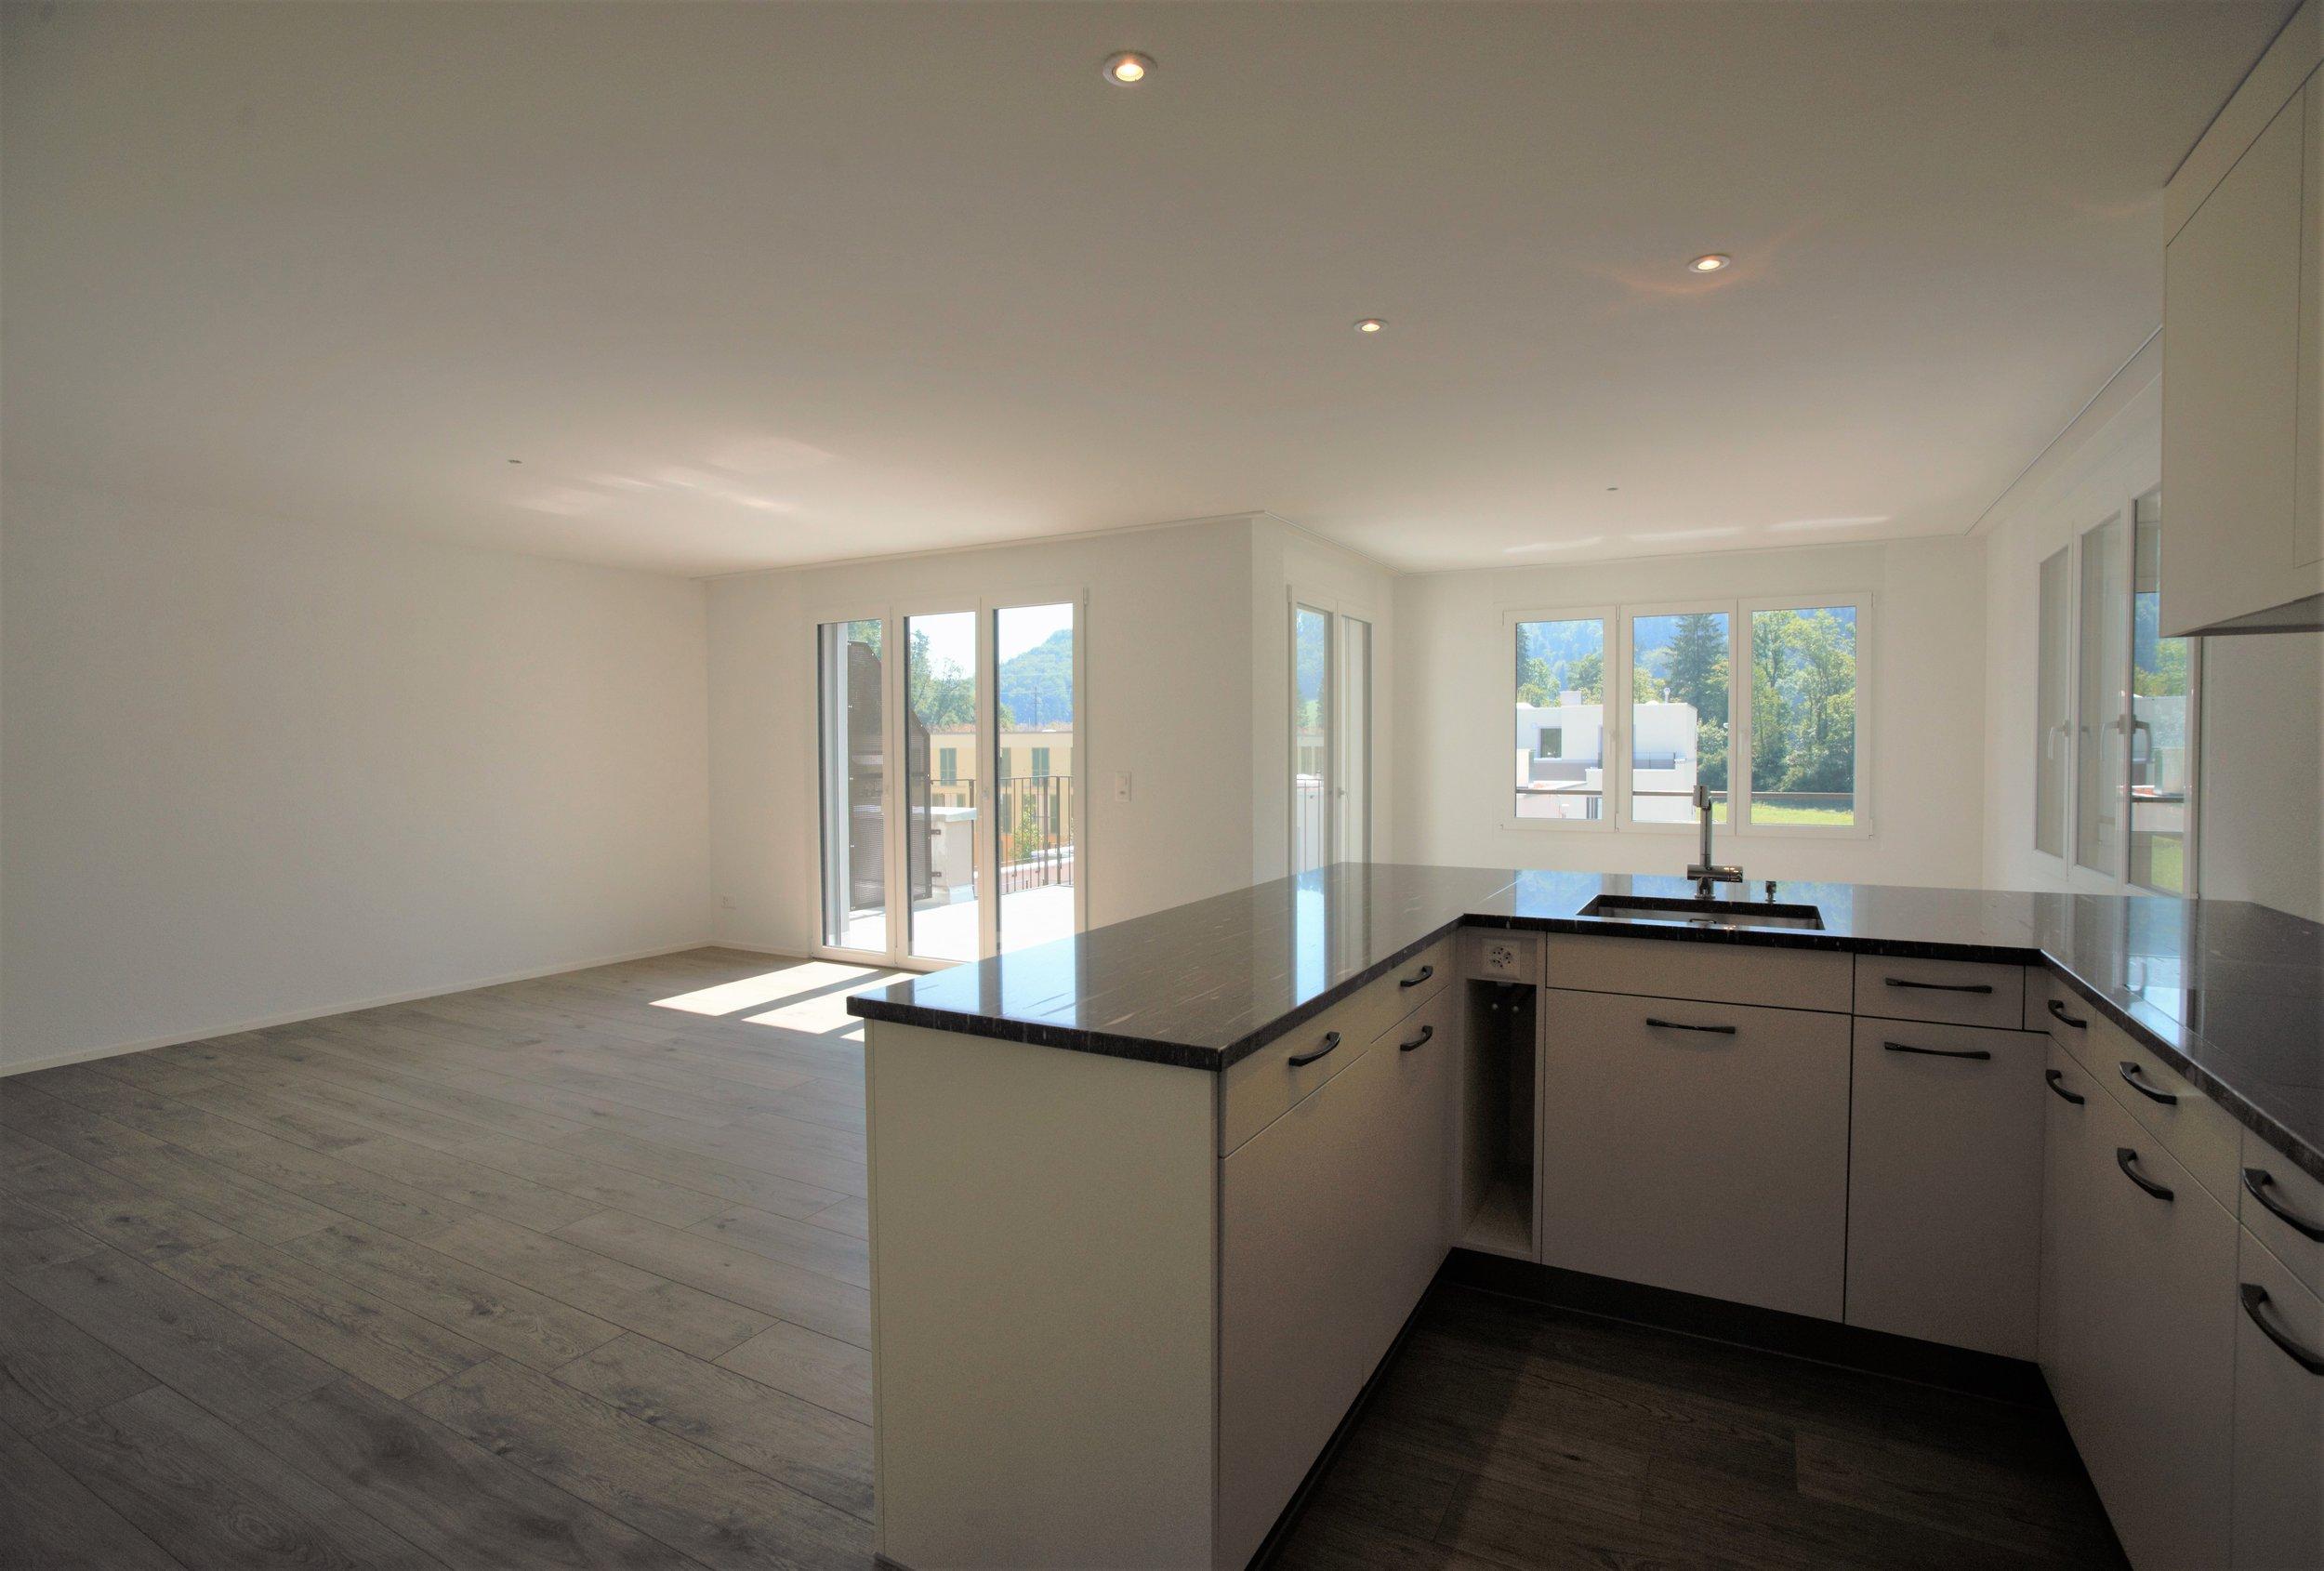 Boll Immobilien GmbH Vermarktung Vermietung Miete professionell Sennhof Winterthur Zürich Walchwil luxuriös Penthouse Wohnung